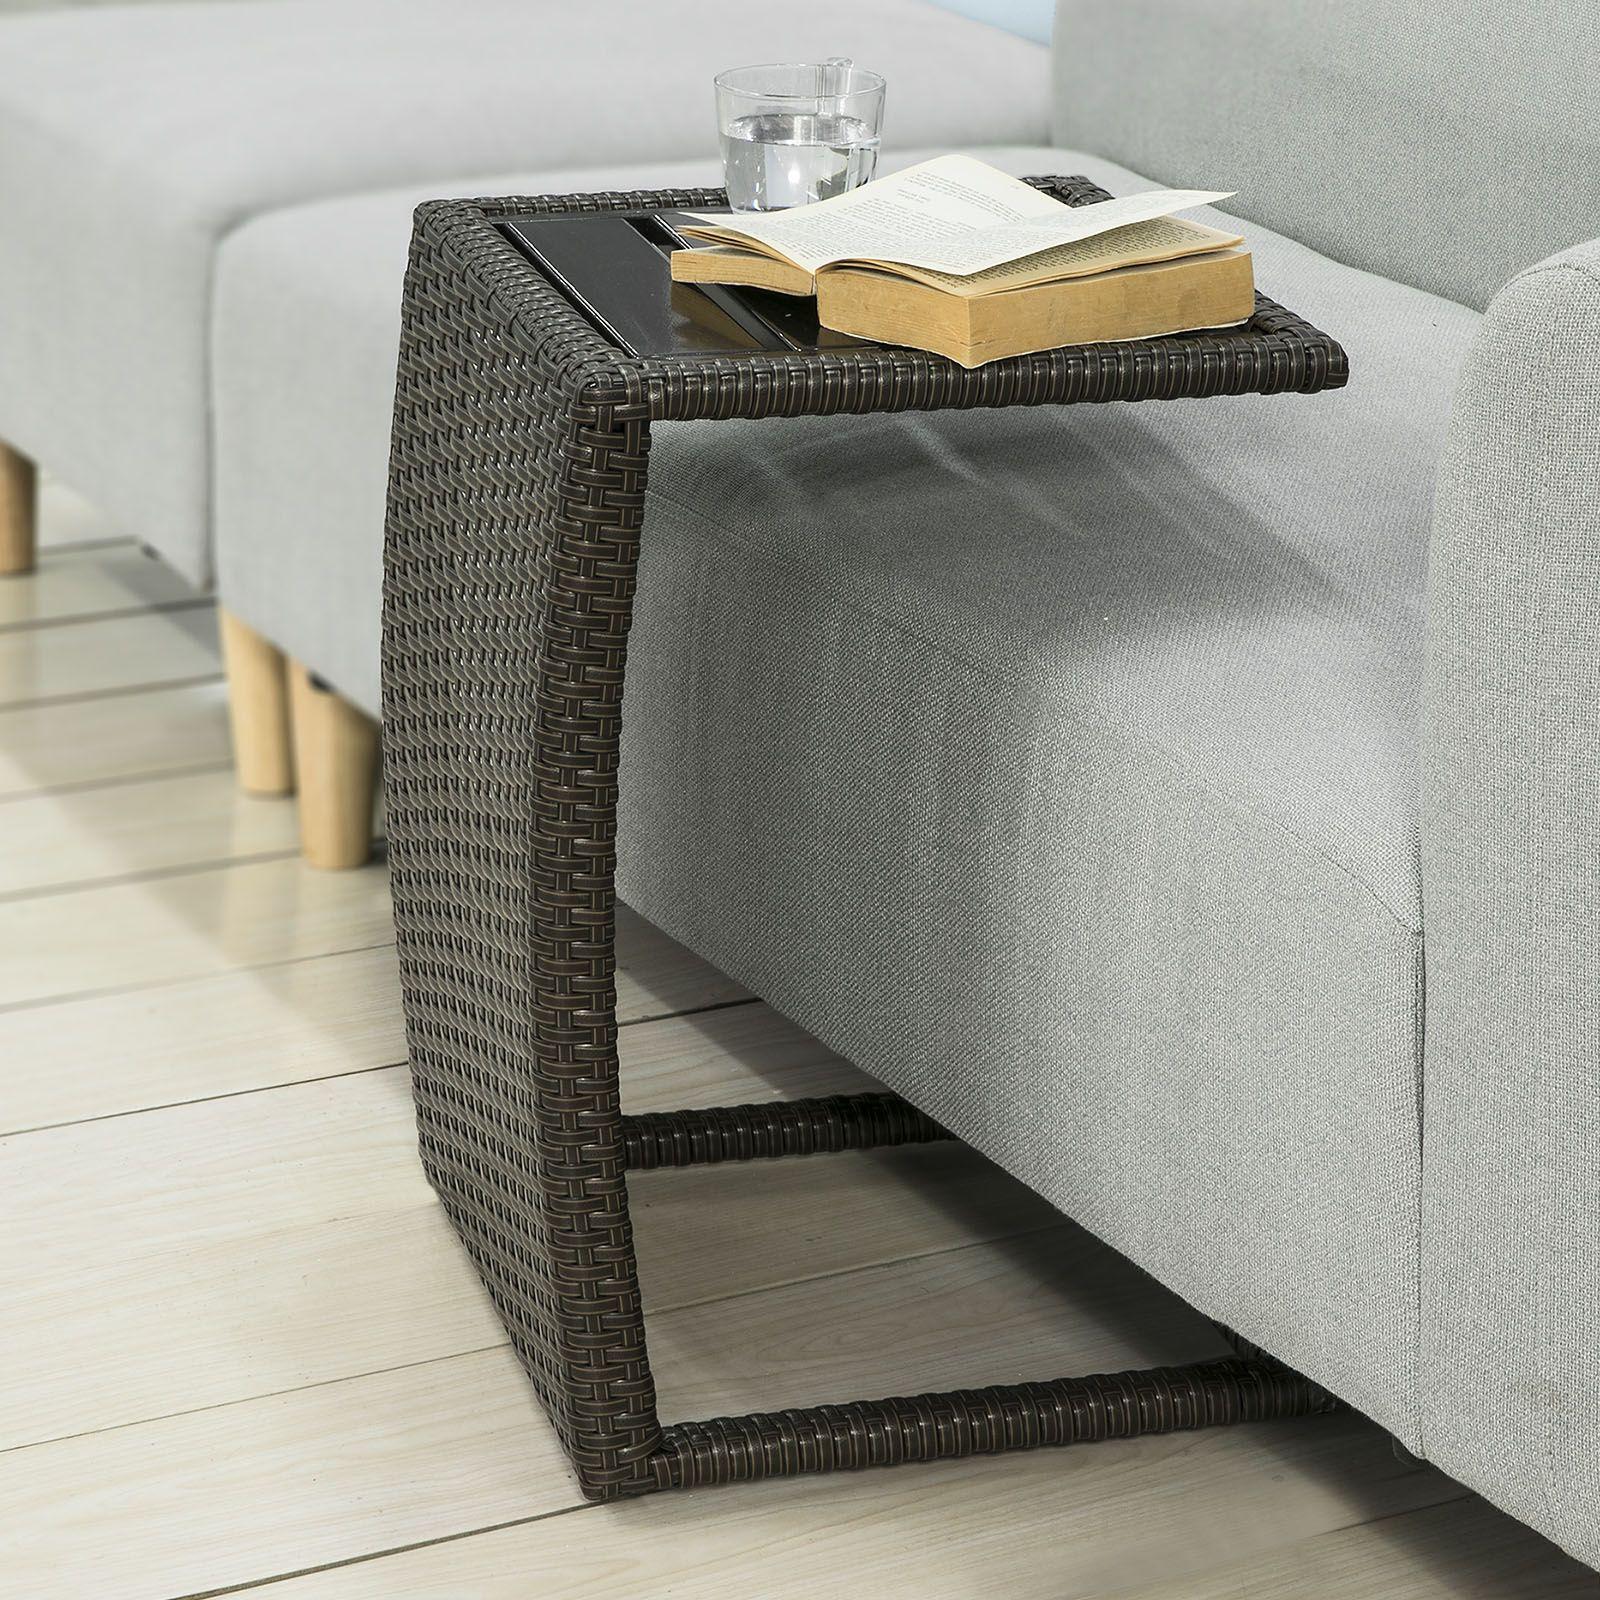 Tavolino Rattan Da Giardino.Questo Tavolino In Rattan E Inossidabile Metallo E L Ideale Per